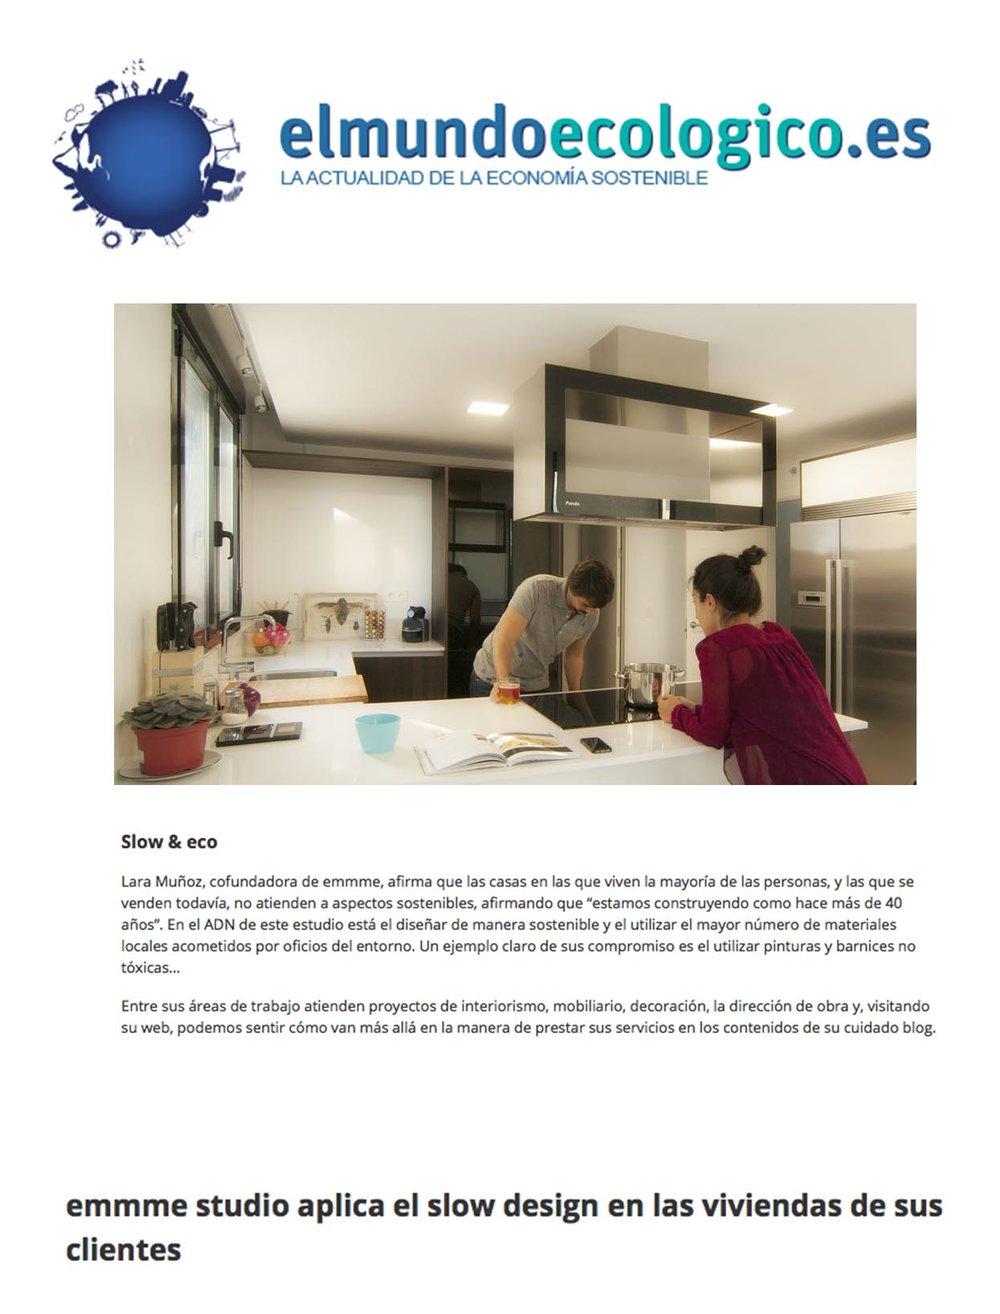 emmme studio mundo ecologico reformas diseño slow prensa entrevista.jpg